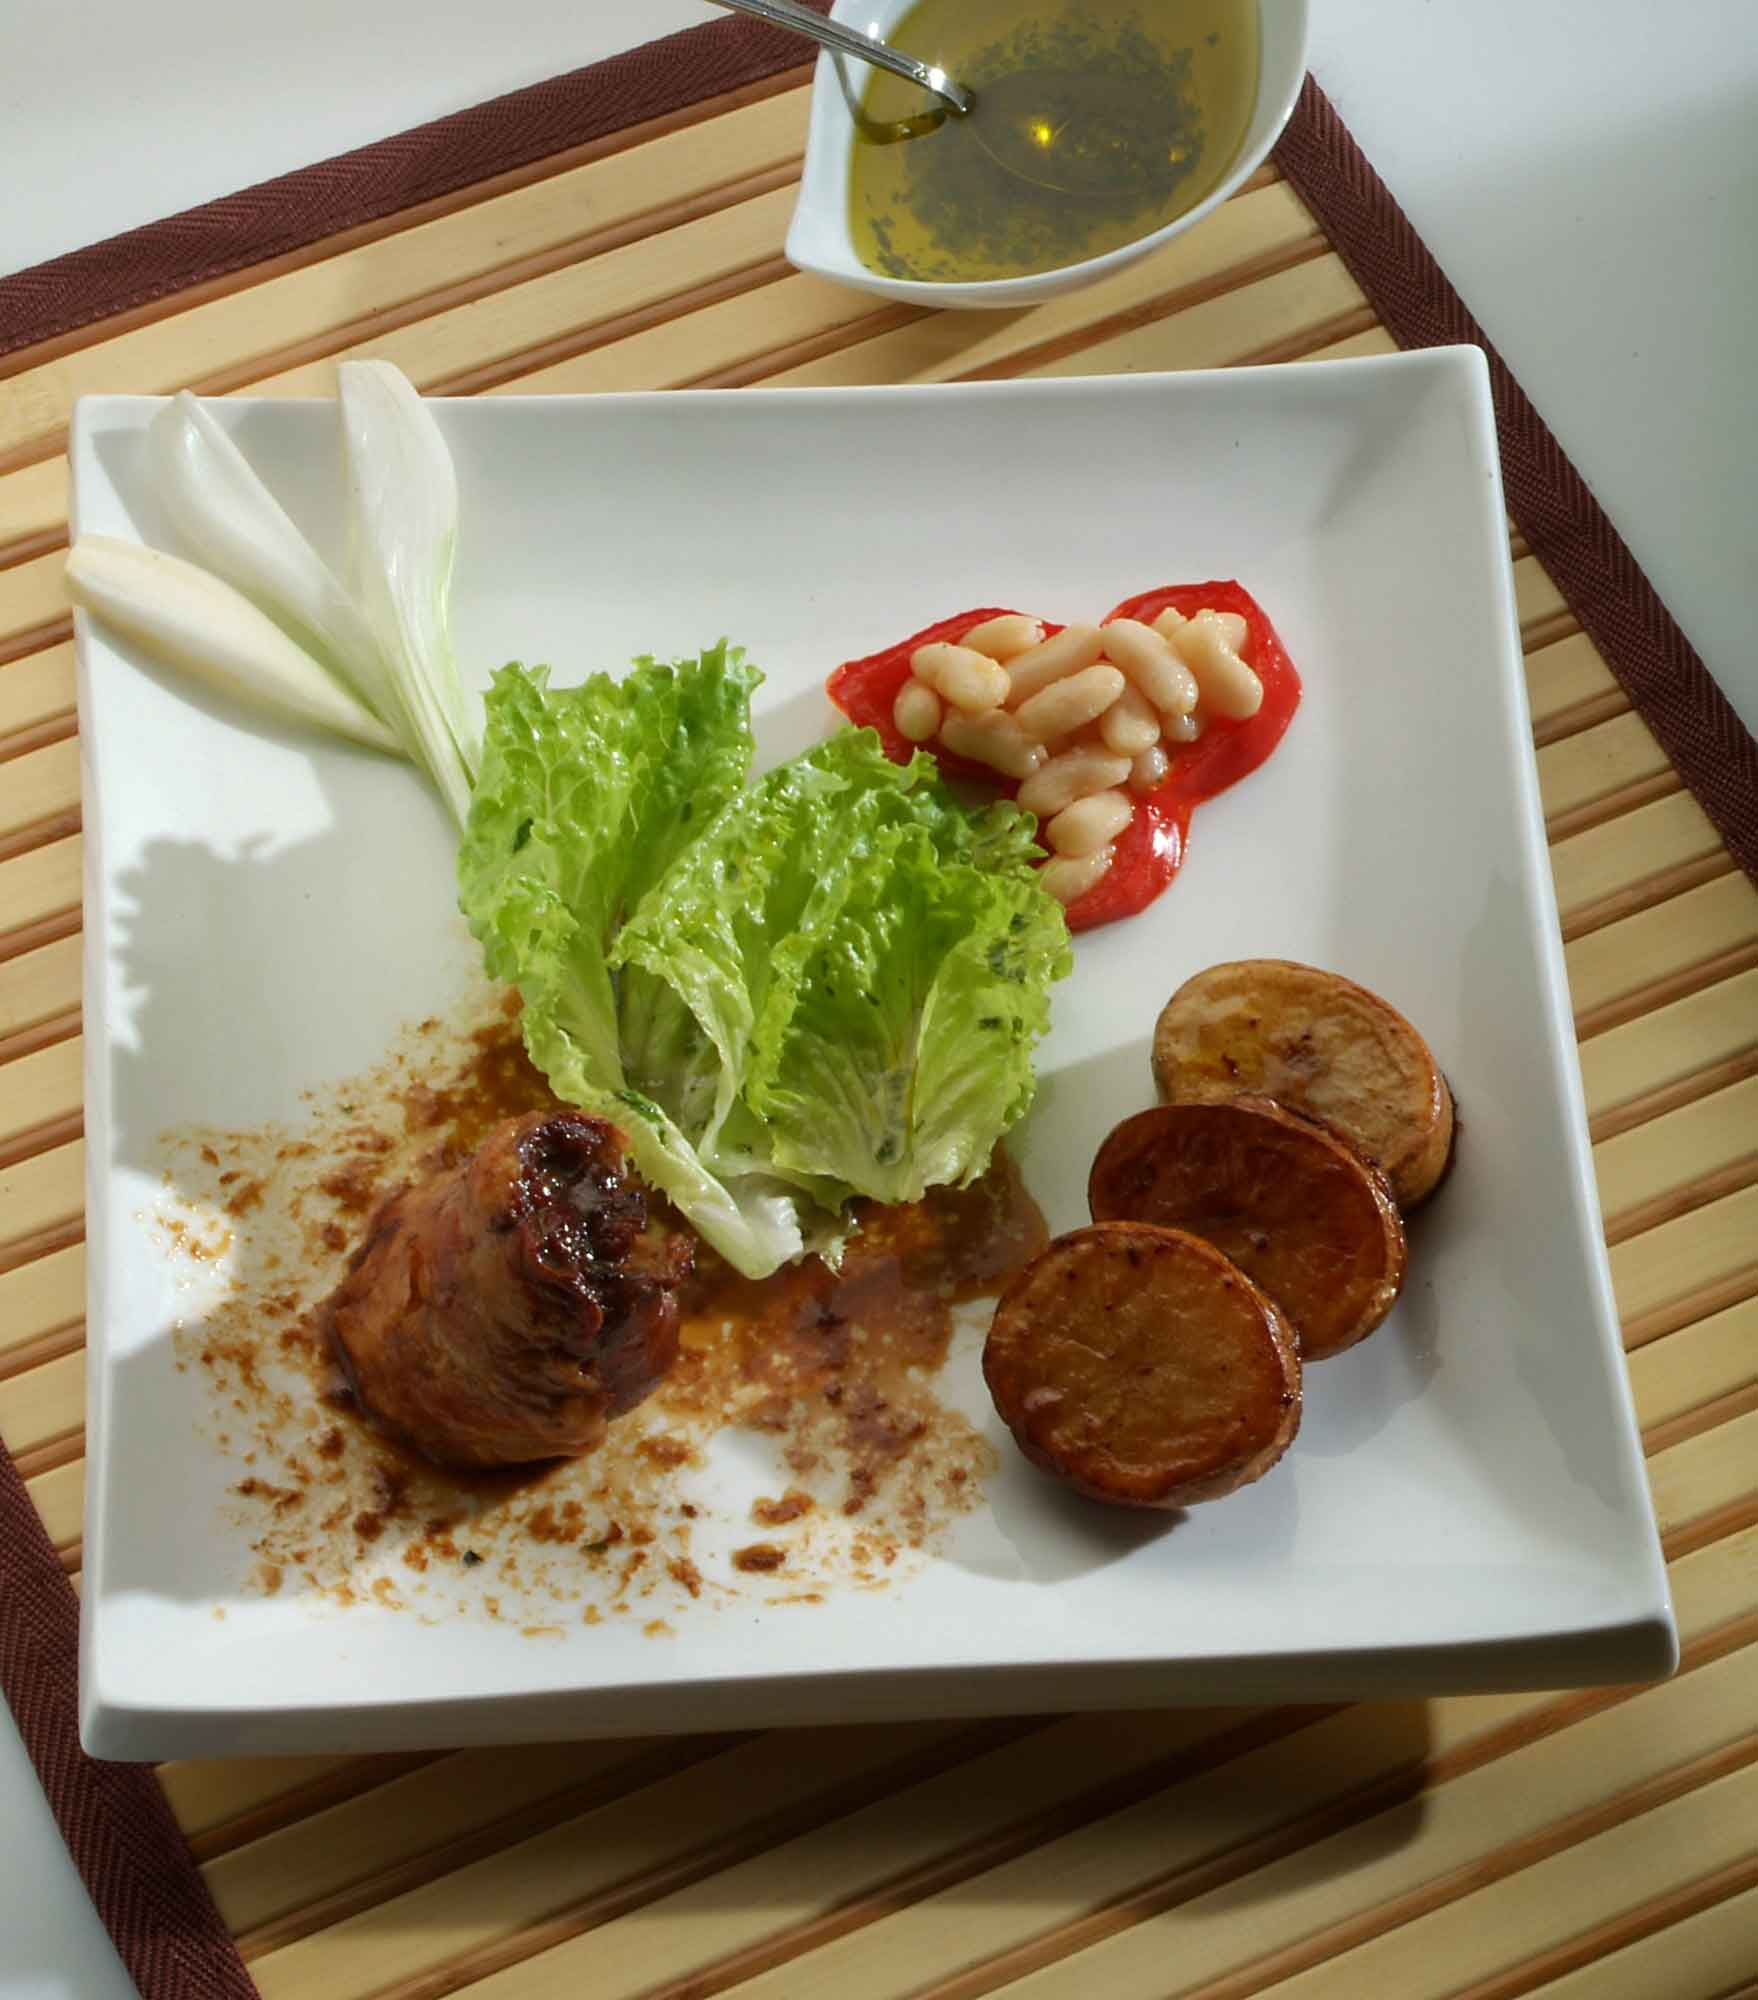 Paletilla de cordero con patatas y legumbres